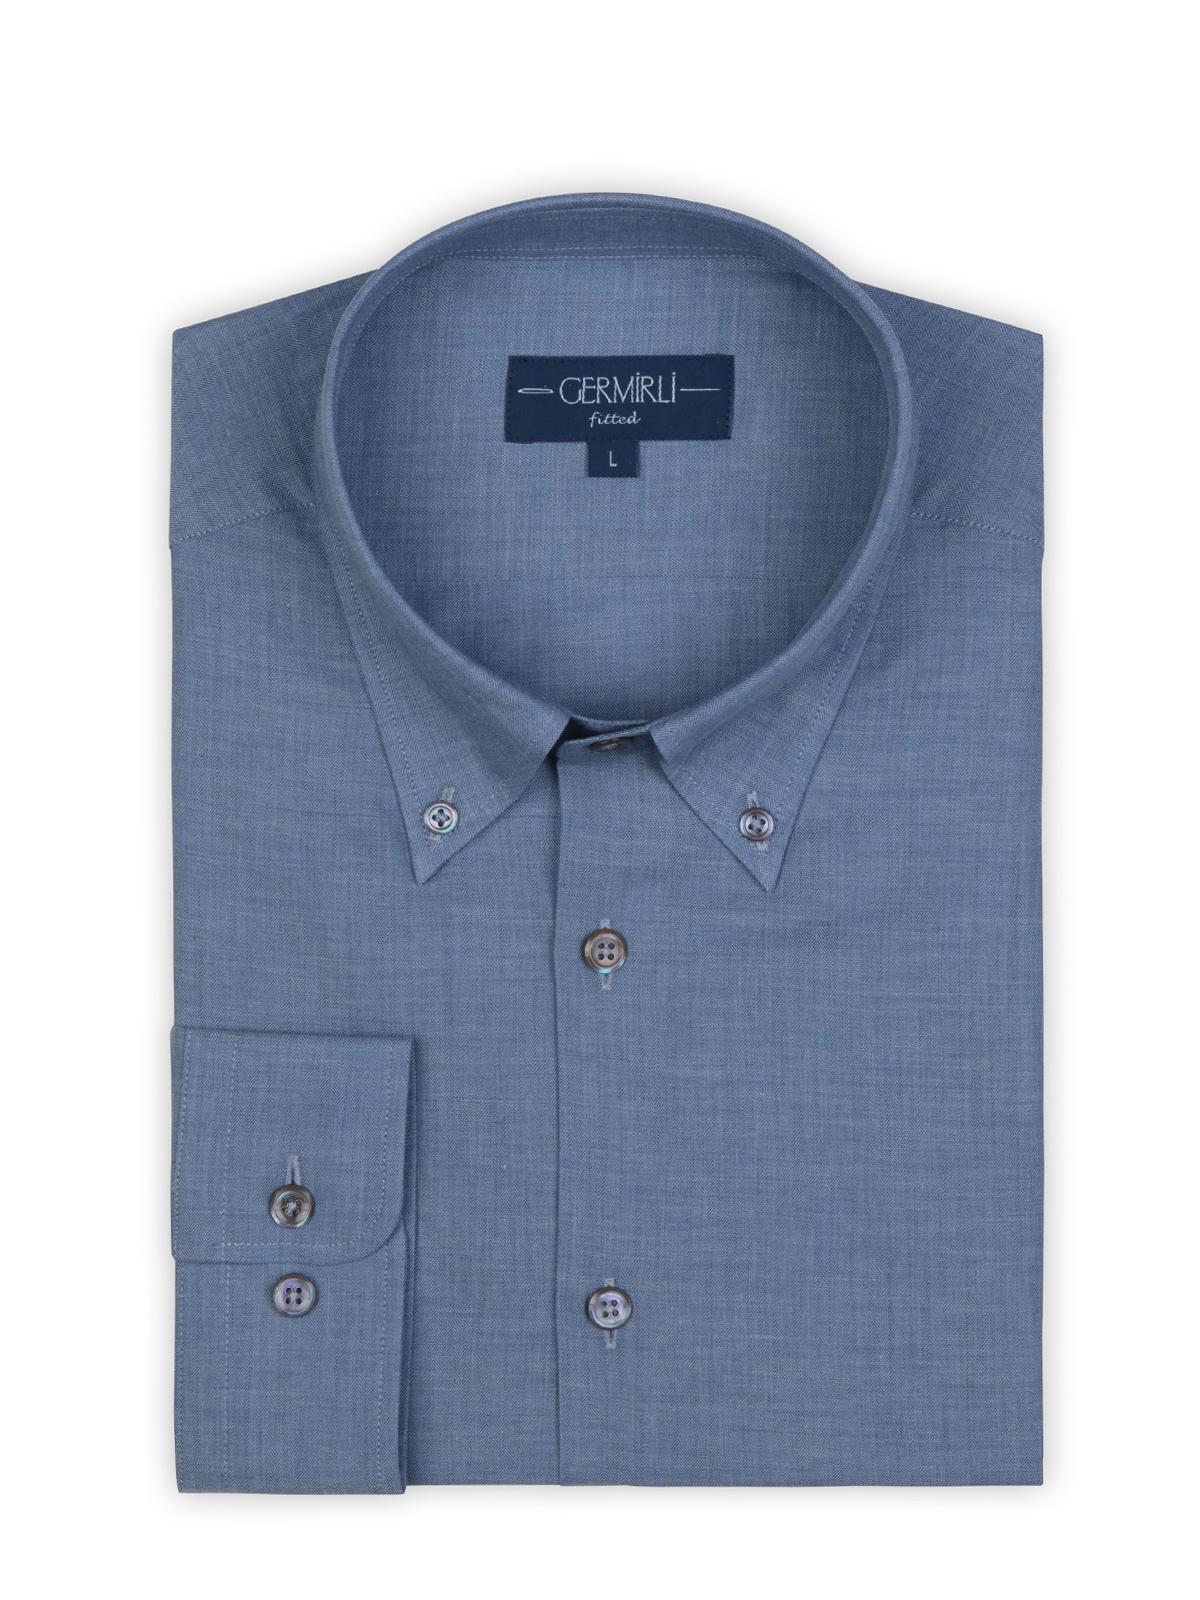 Germirli Mavi Balıksırtı Flanel Düğmeli Yaka Tailor Fit Gömlek